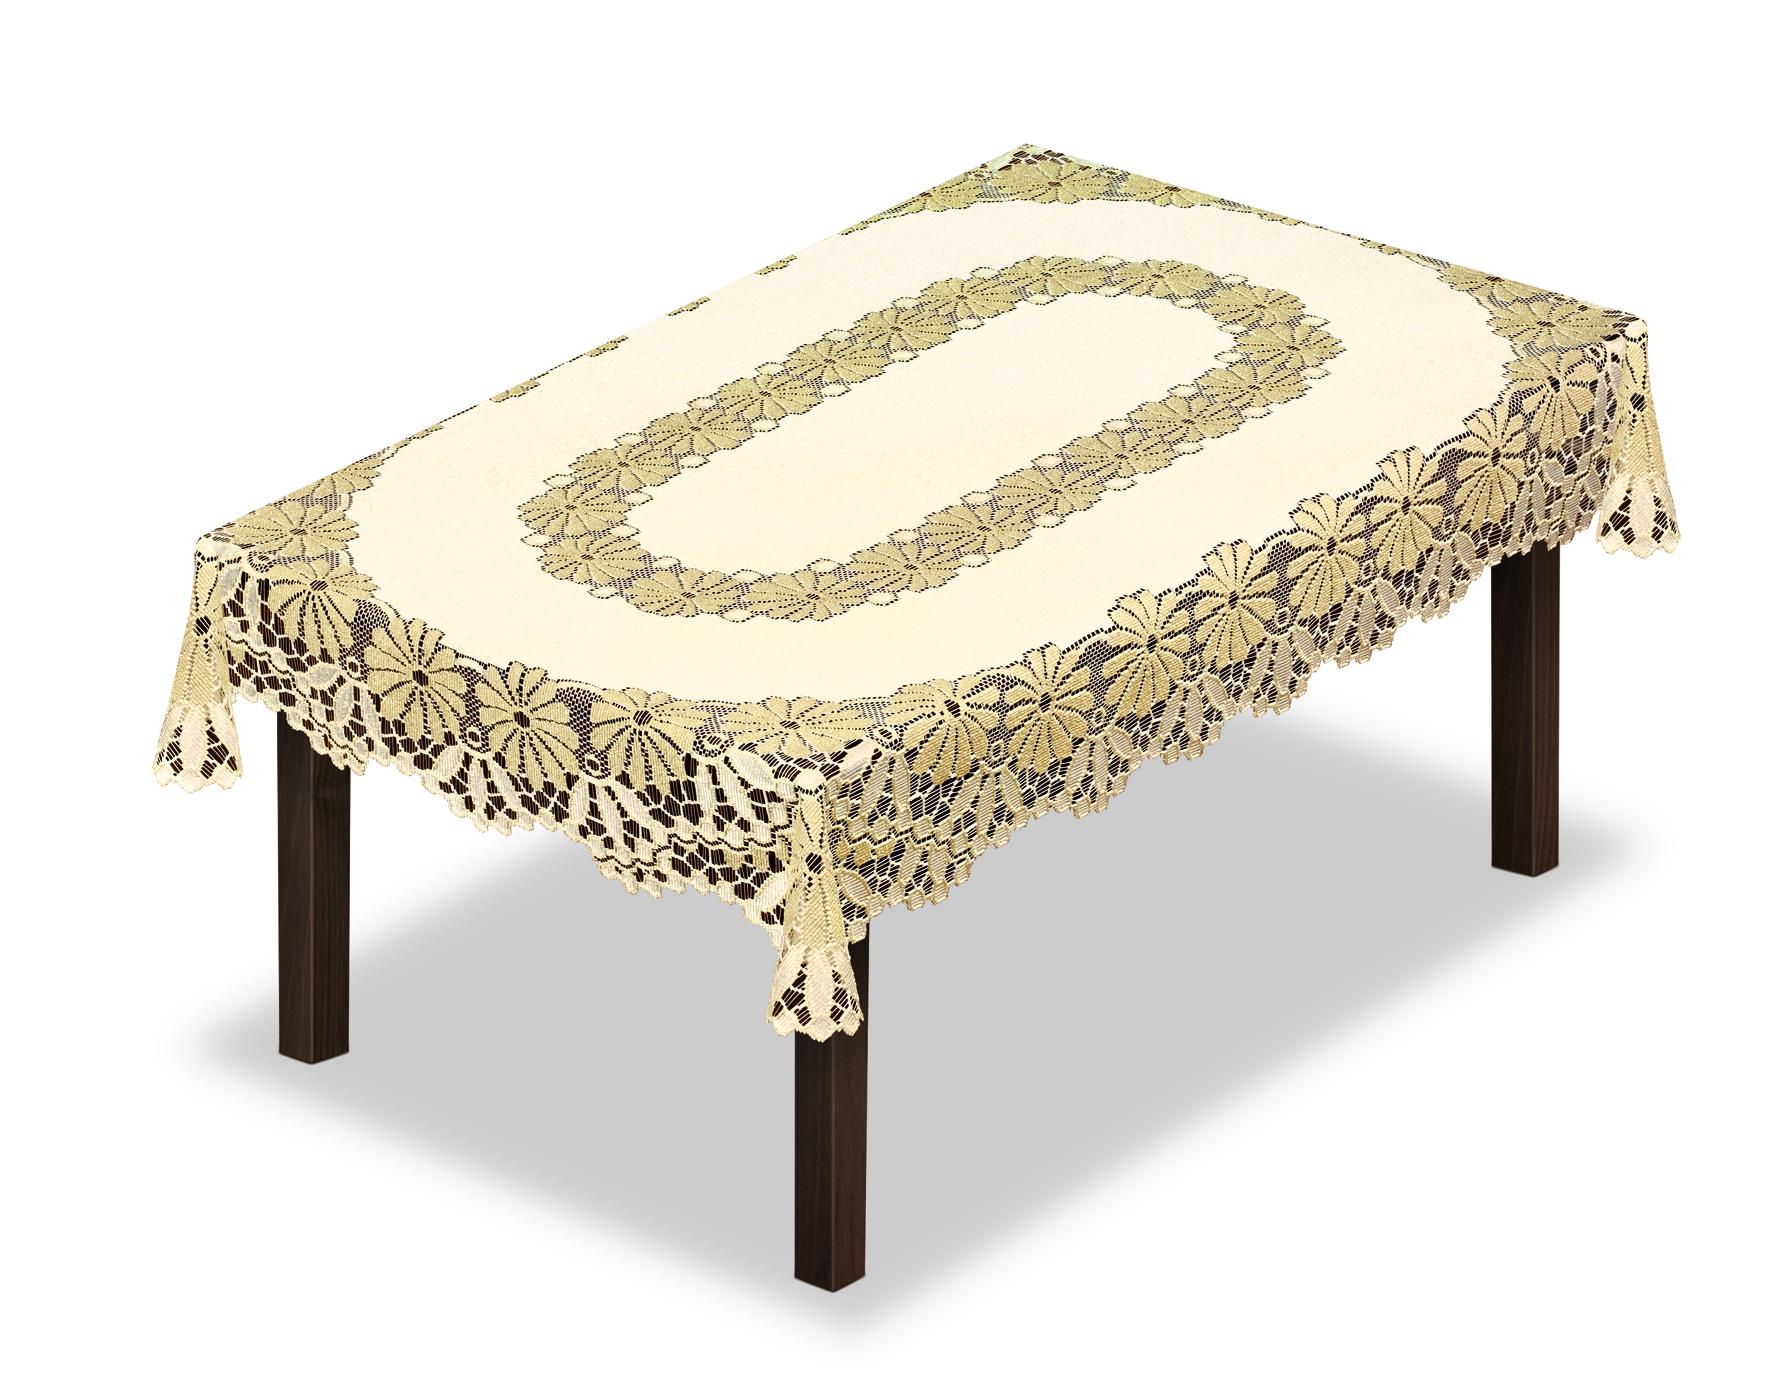 Скатерть Haft, прямоугольная, цвет: кремовый, золотистый, 100 х 150 см. 22870980009Великолепная скатерть Haft, выполненная из полиэстера, органично впишется в интерьер любого помещения, а оригинальный дизайн удовлетворит даже самый изысканный вкус.Скатерть Haft создаст праздничное настроение и станет прекрасным дополнением интерьера гостиной, кухни или столовой.